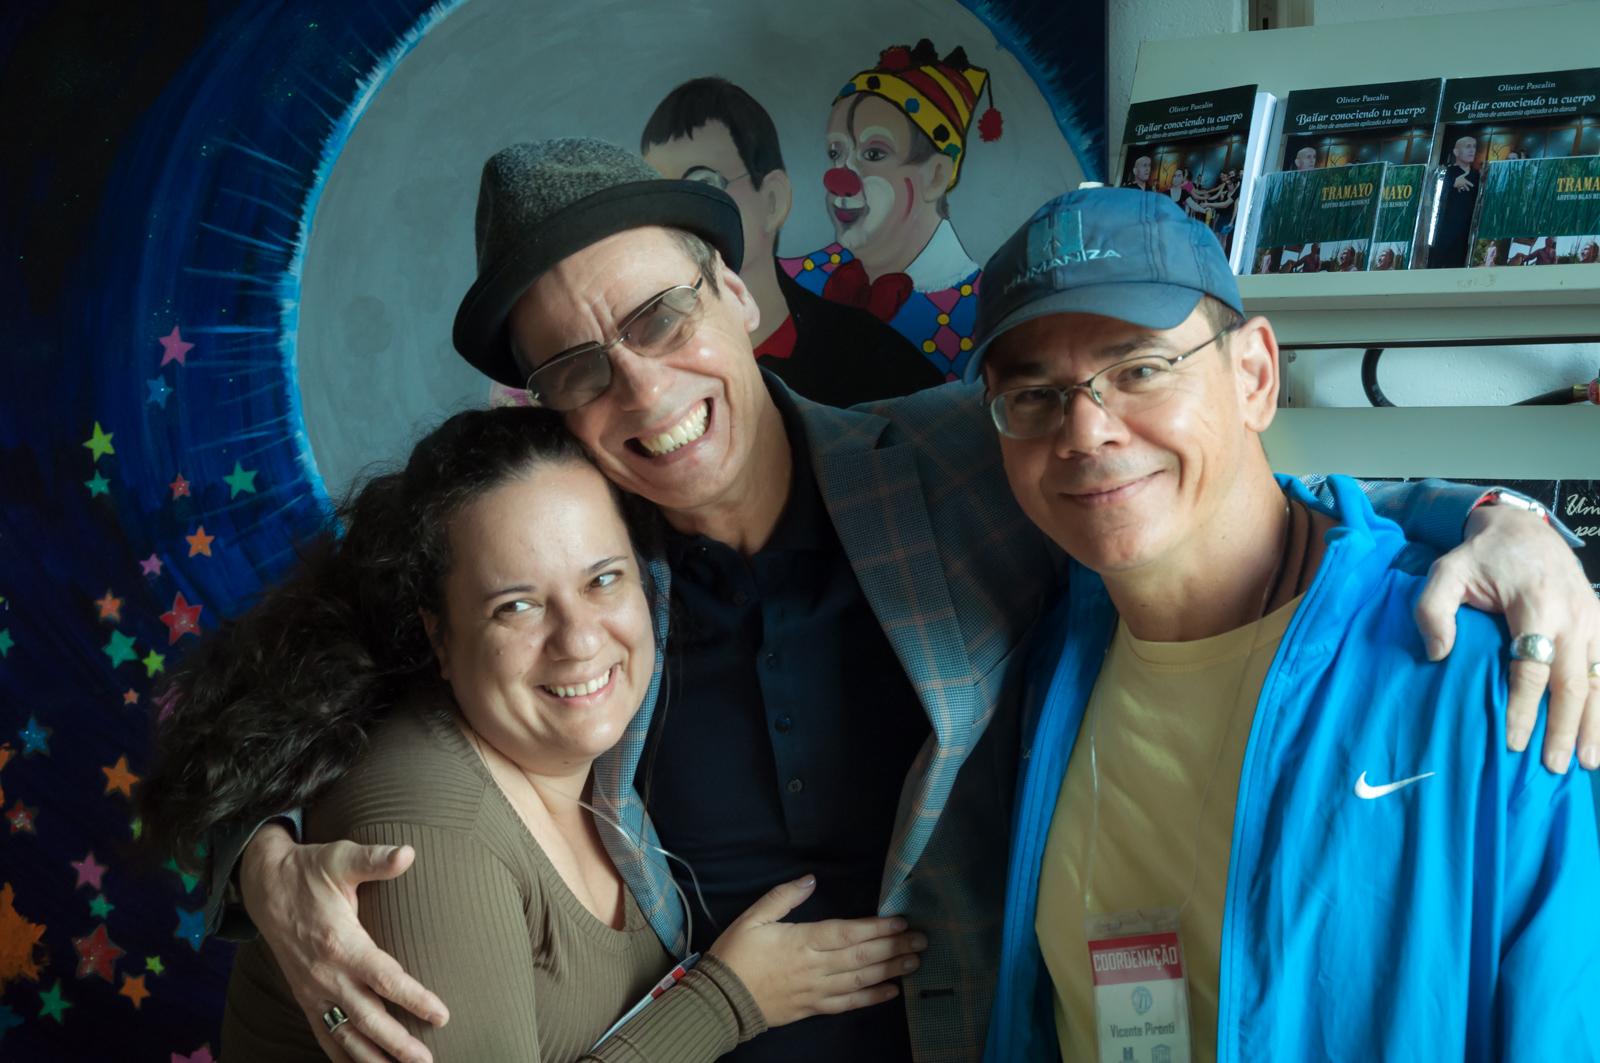 Keyla Ferrari e Vicente Pironti, coordenadores do Congresso, com o bailarino Carlinhos de Jesus, que desde 1989 trabalha com dança inclusiva  Foto: Martinho Caires